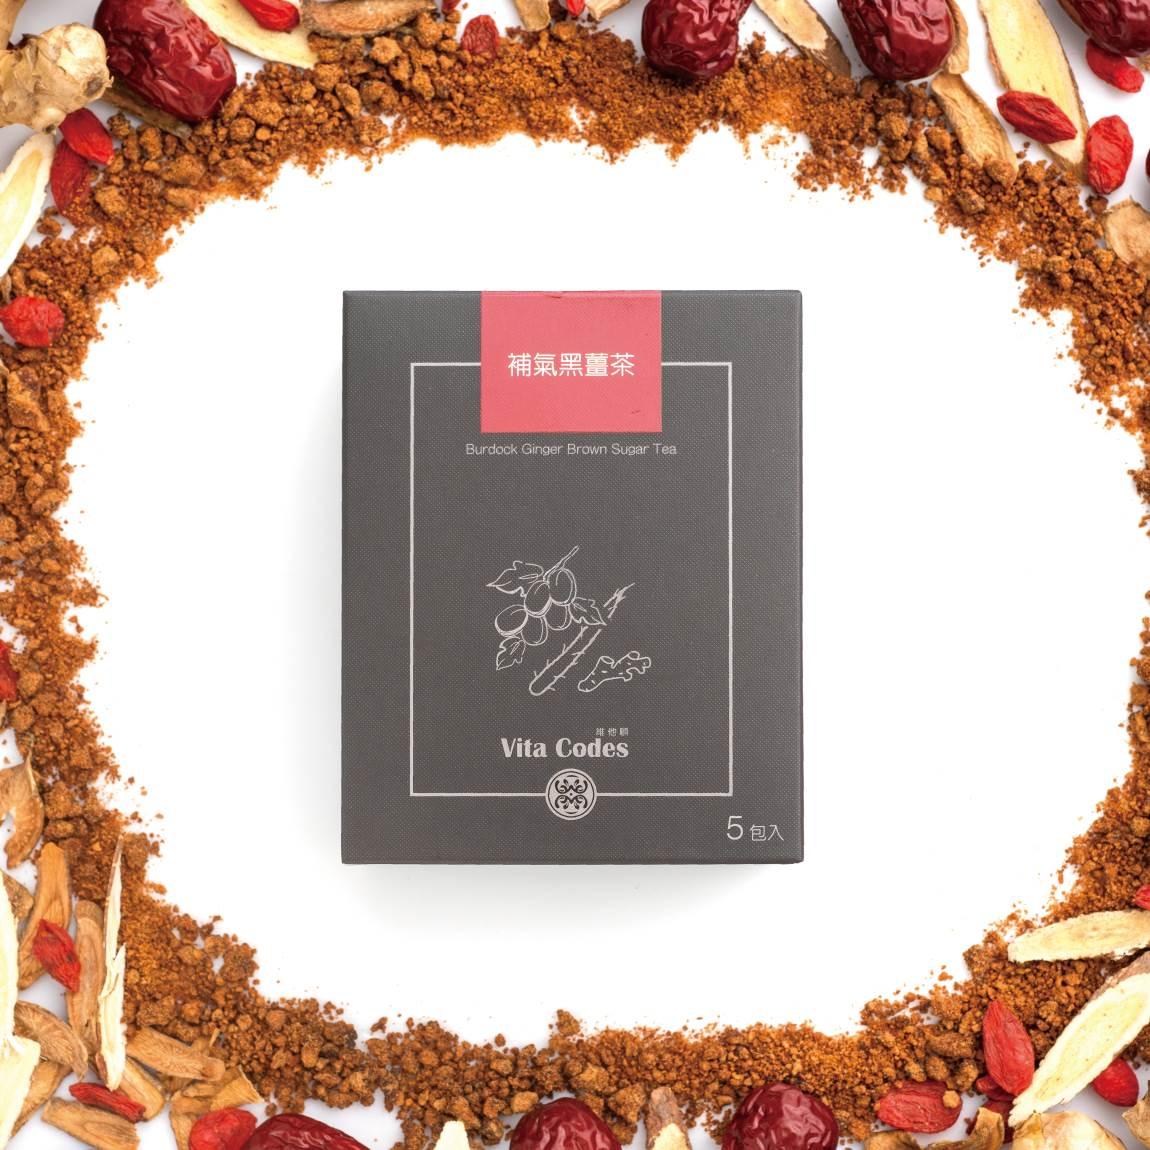 VitaCodes美顏茶-產品介紹04-4-補氣黑薑茶